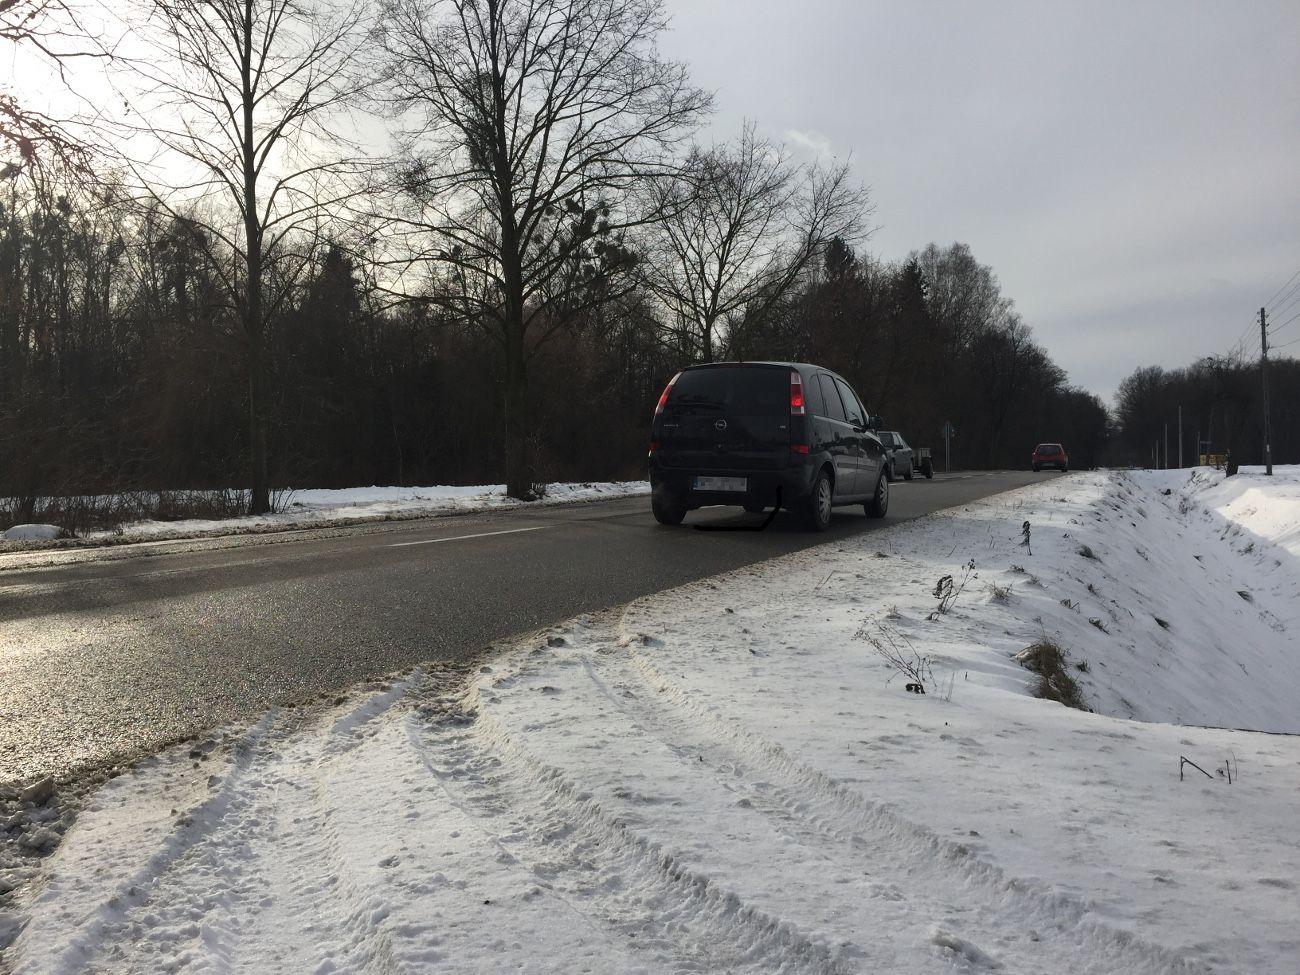 Zima trzyma. Trudne warunki przyczyną wypadku i kolizji